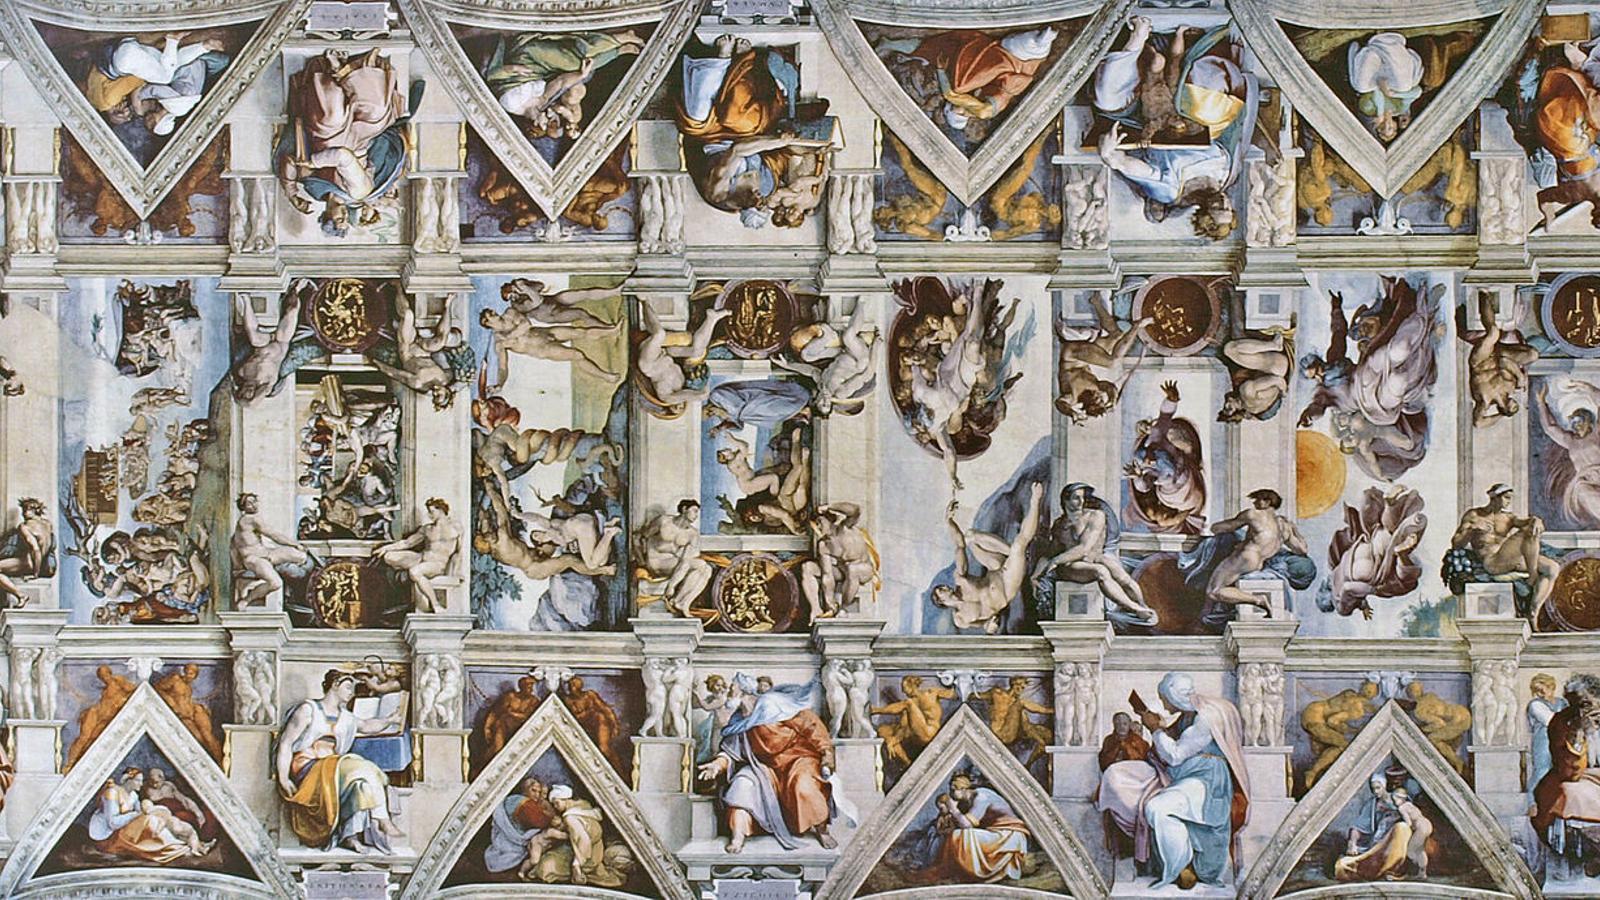 El sostre de la capella Sixtina